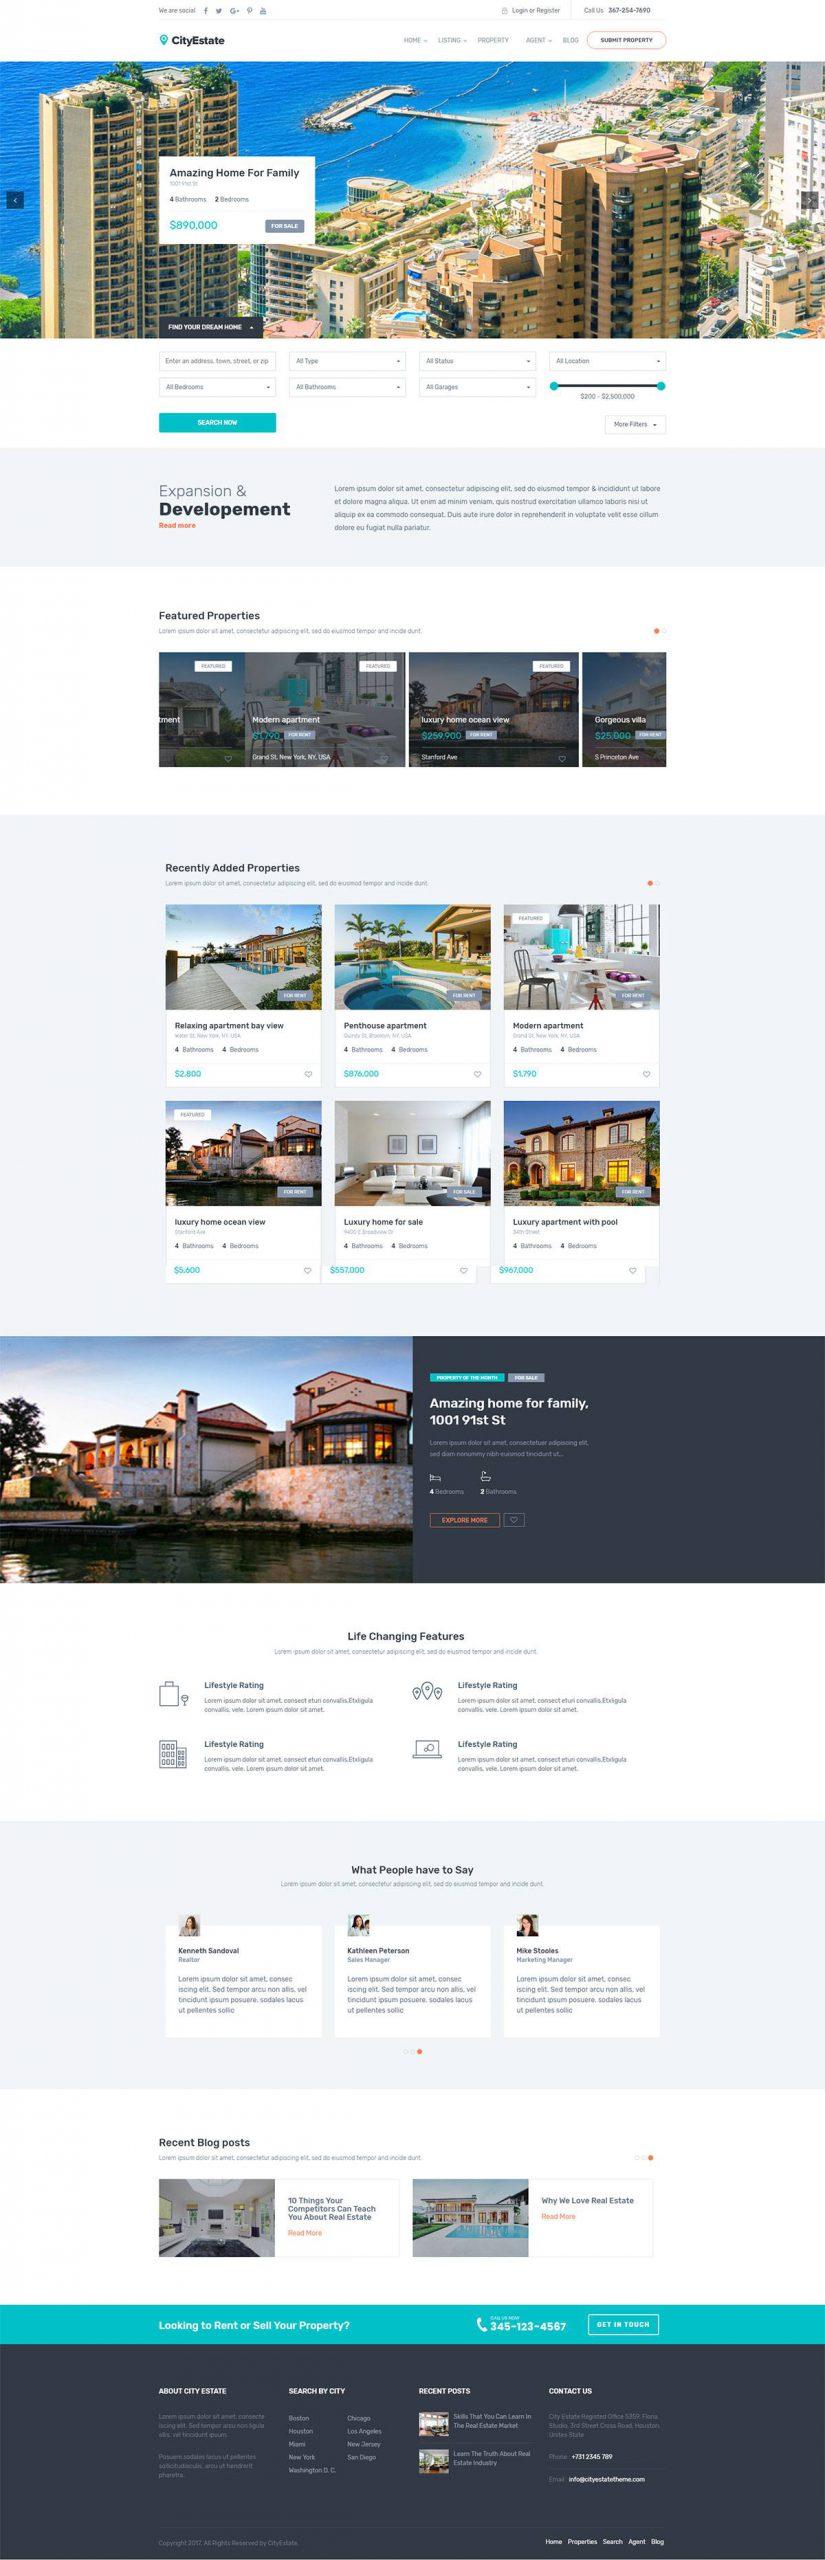 Mẫu giao diện website bất động sản City Estate